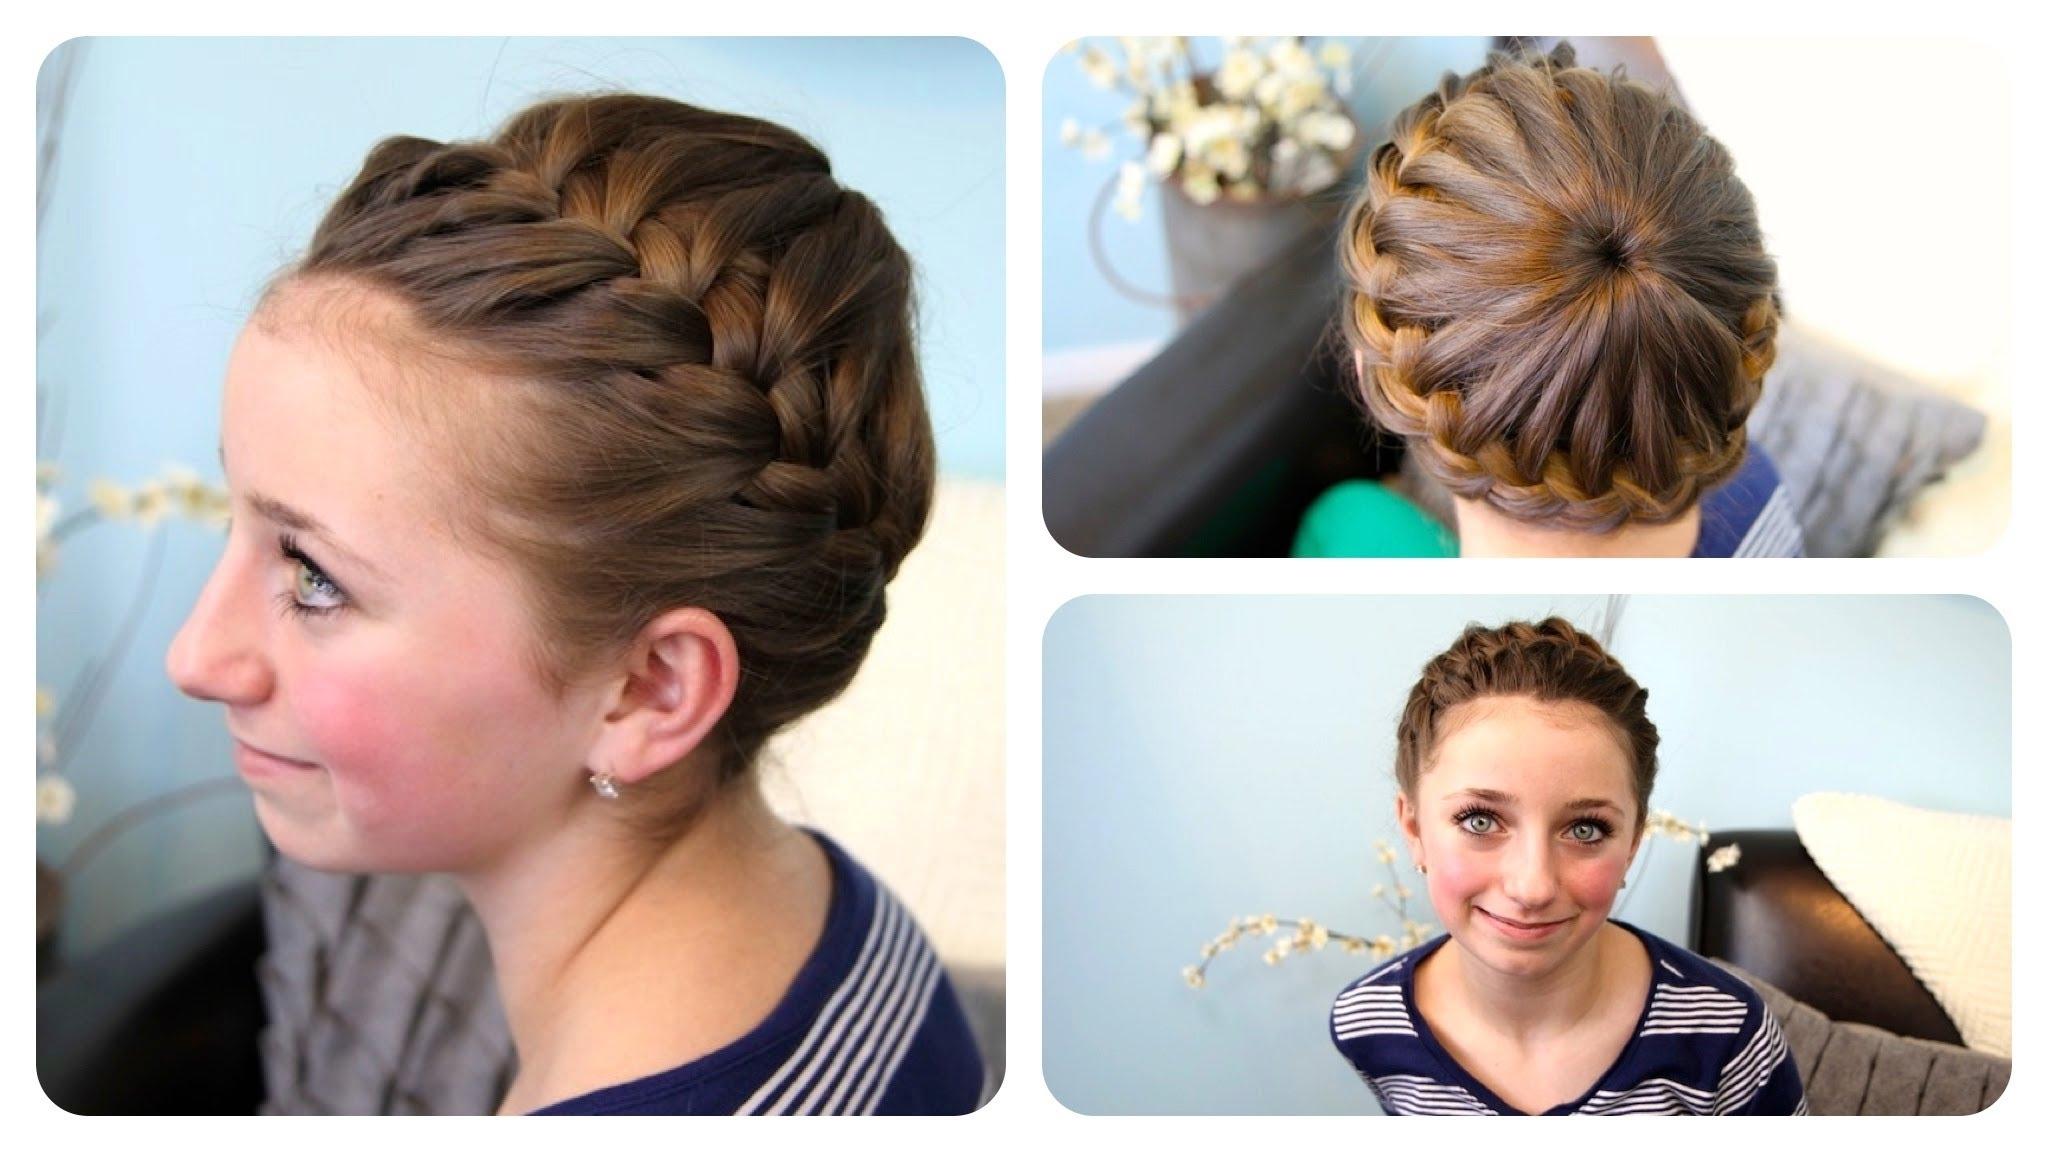 Starburst Crown Braid | Updo Hairstyles | Cute Girls Hairstyles With Regard To Updo Hairstyles For Teenager (View 11 of 15)